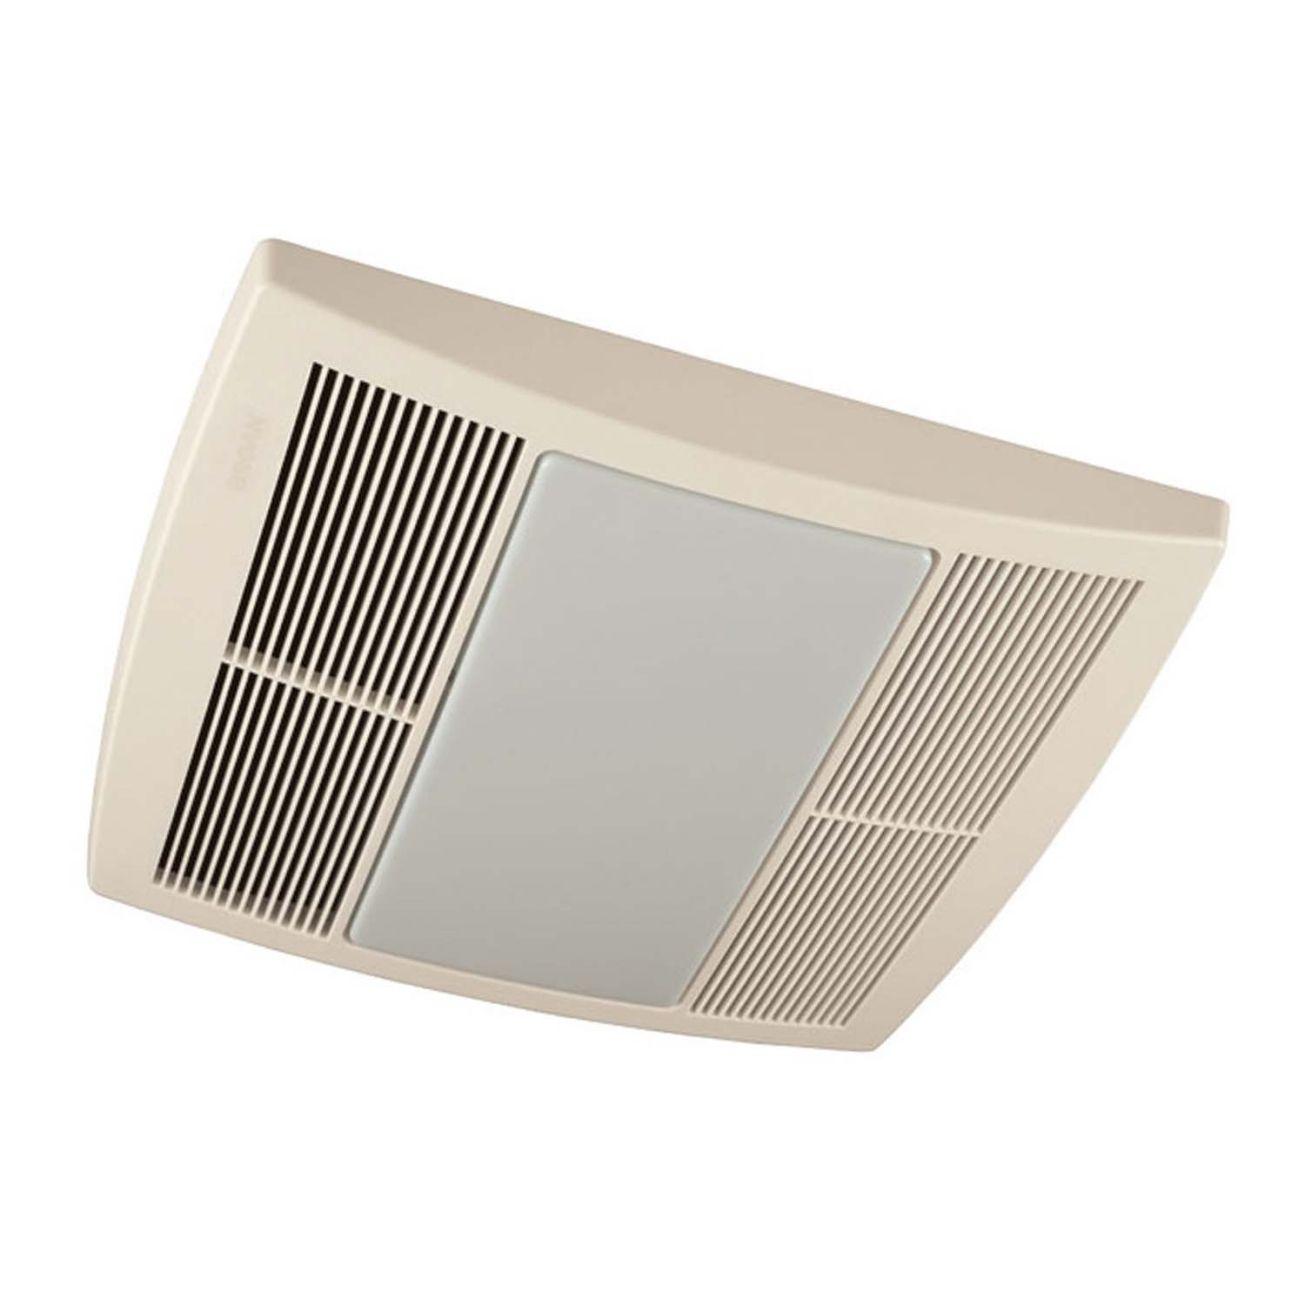 Broan Bathroom Fan Light Cover